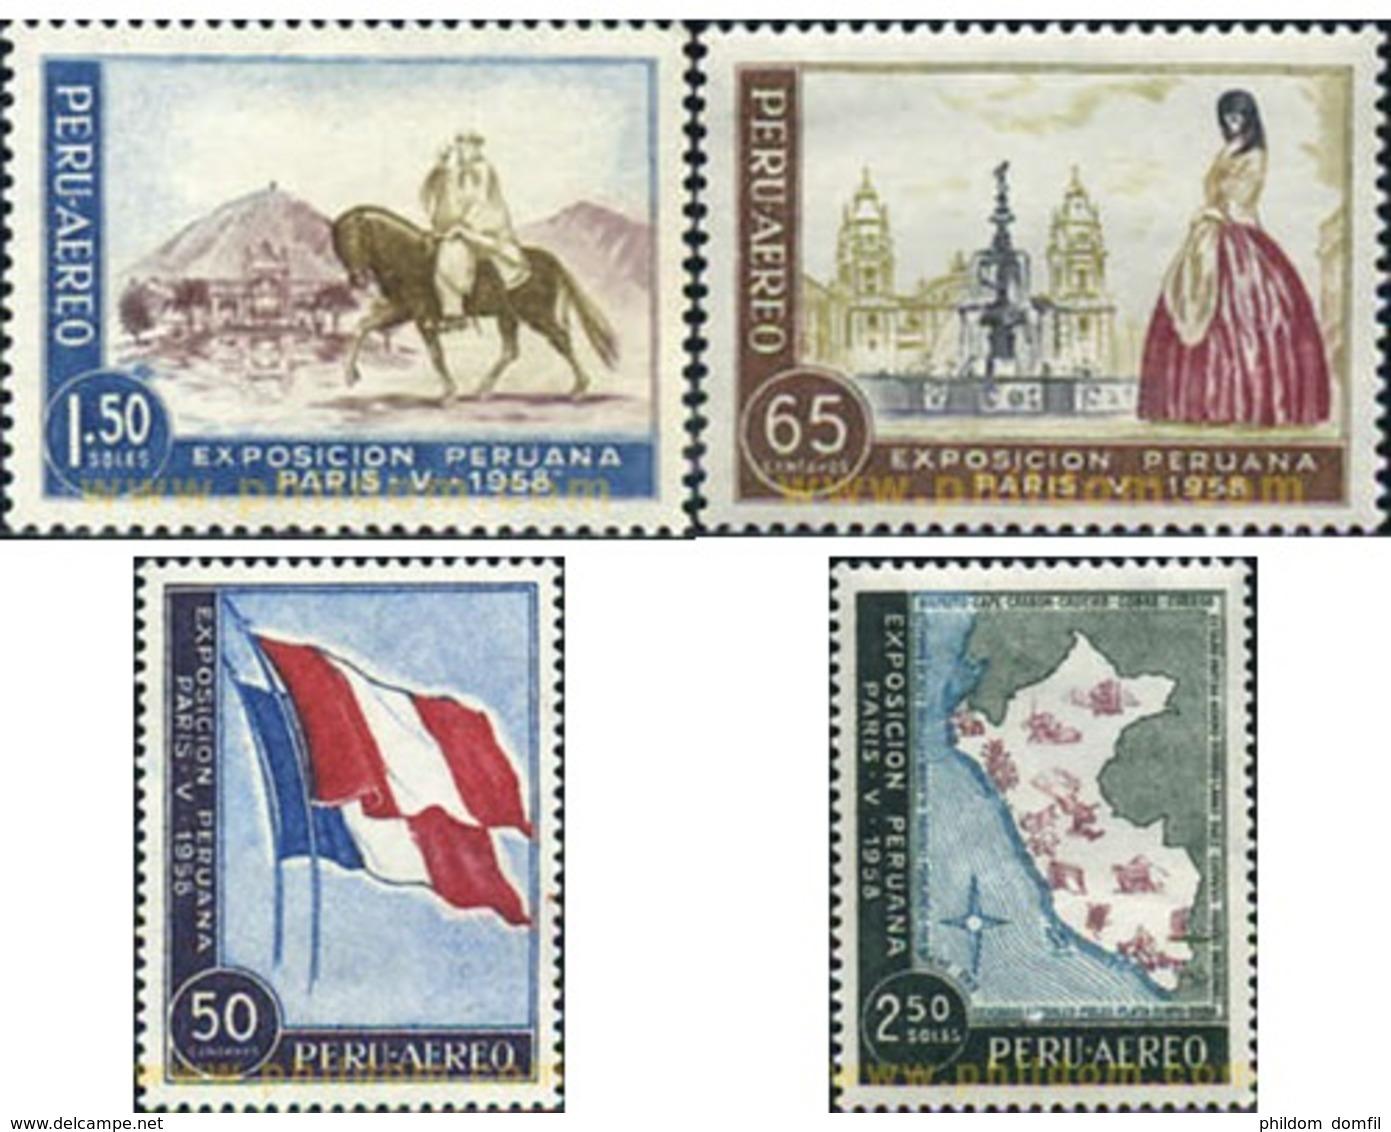 Ref. 30260 * MNH * - PERU. 1958. EXPOSICION PERUANA DE PARIS. - Perù